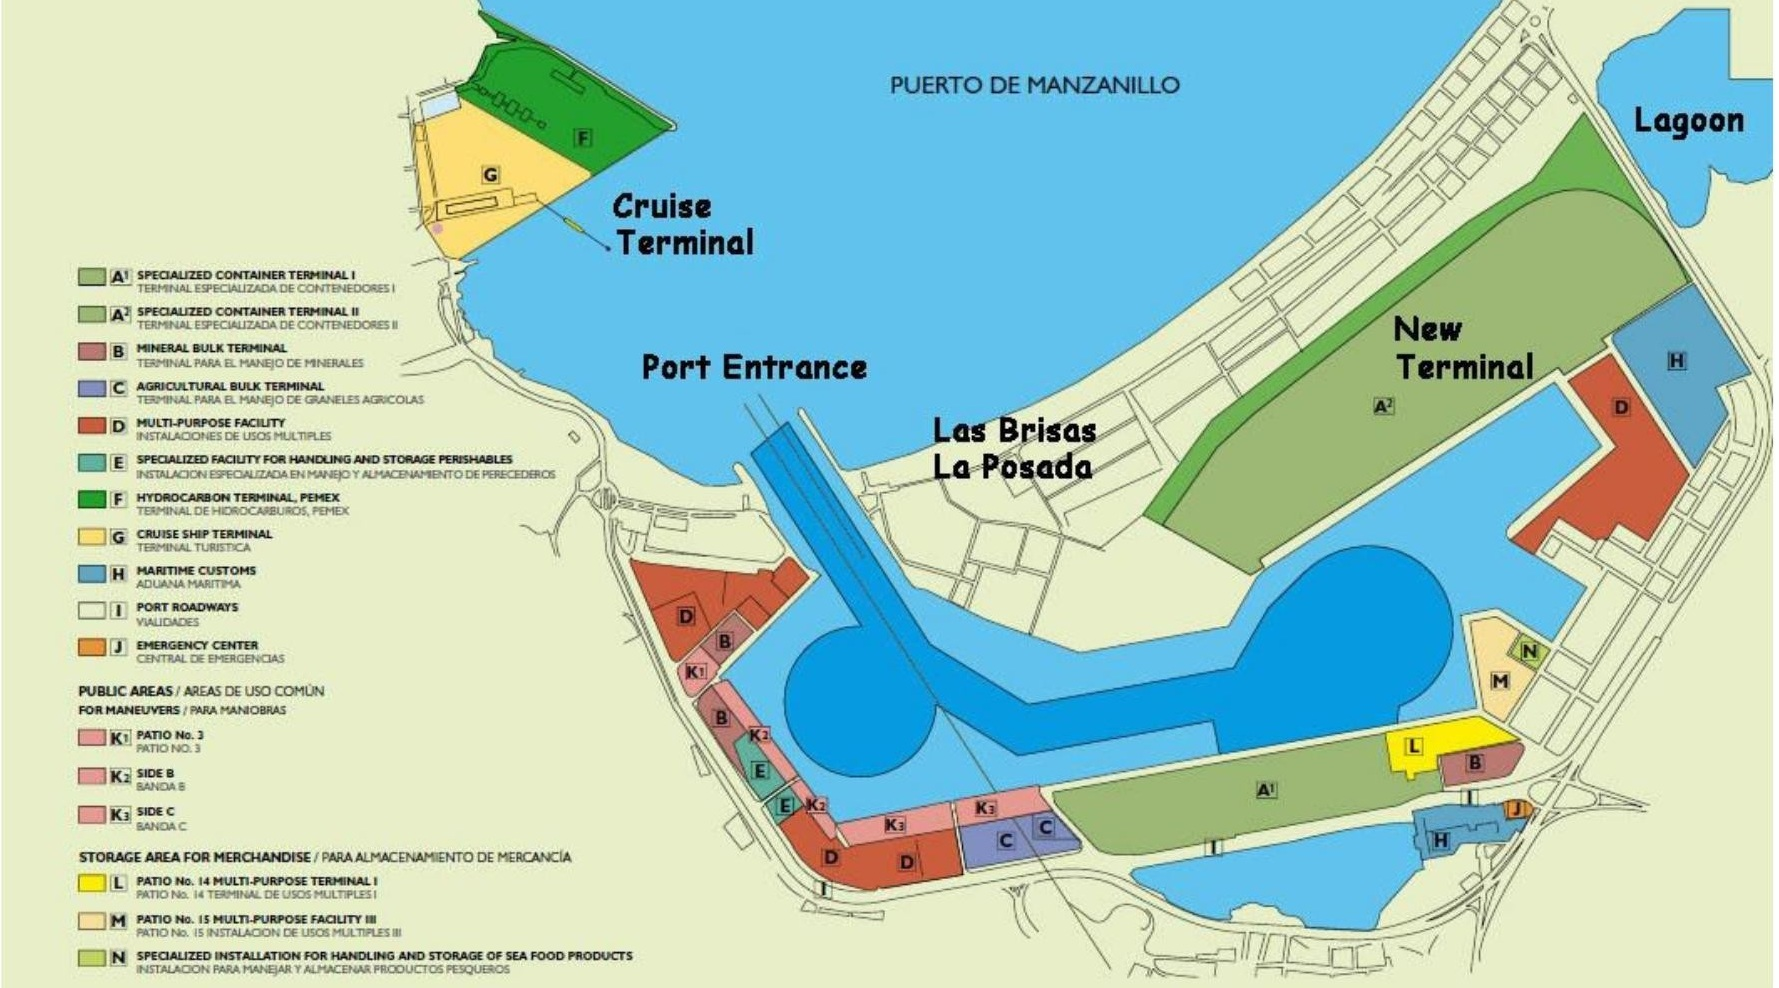 Port Of Manzanillo In 2018 Manzanillo Sun